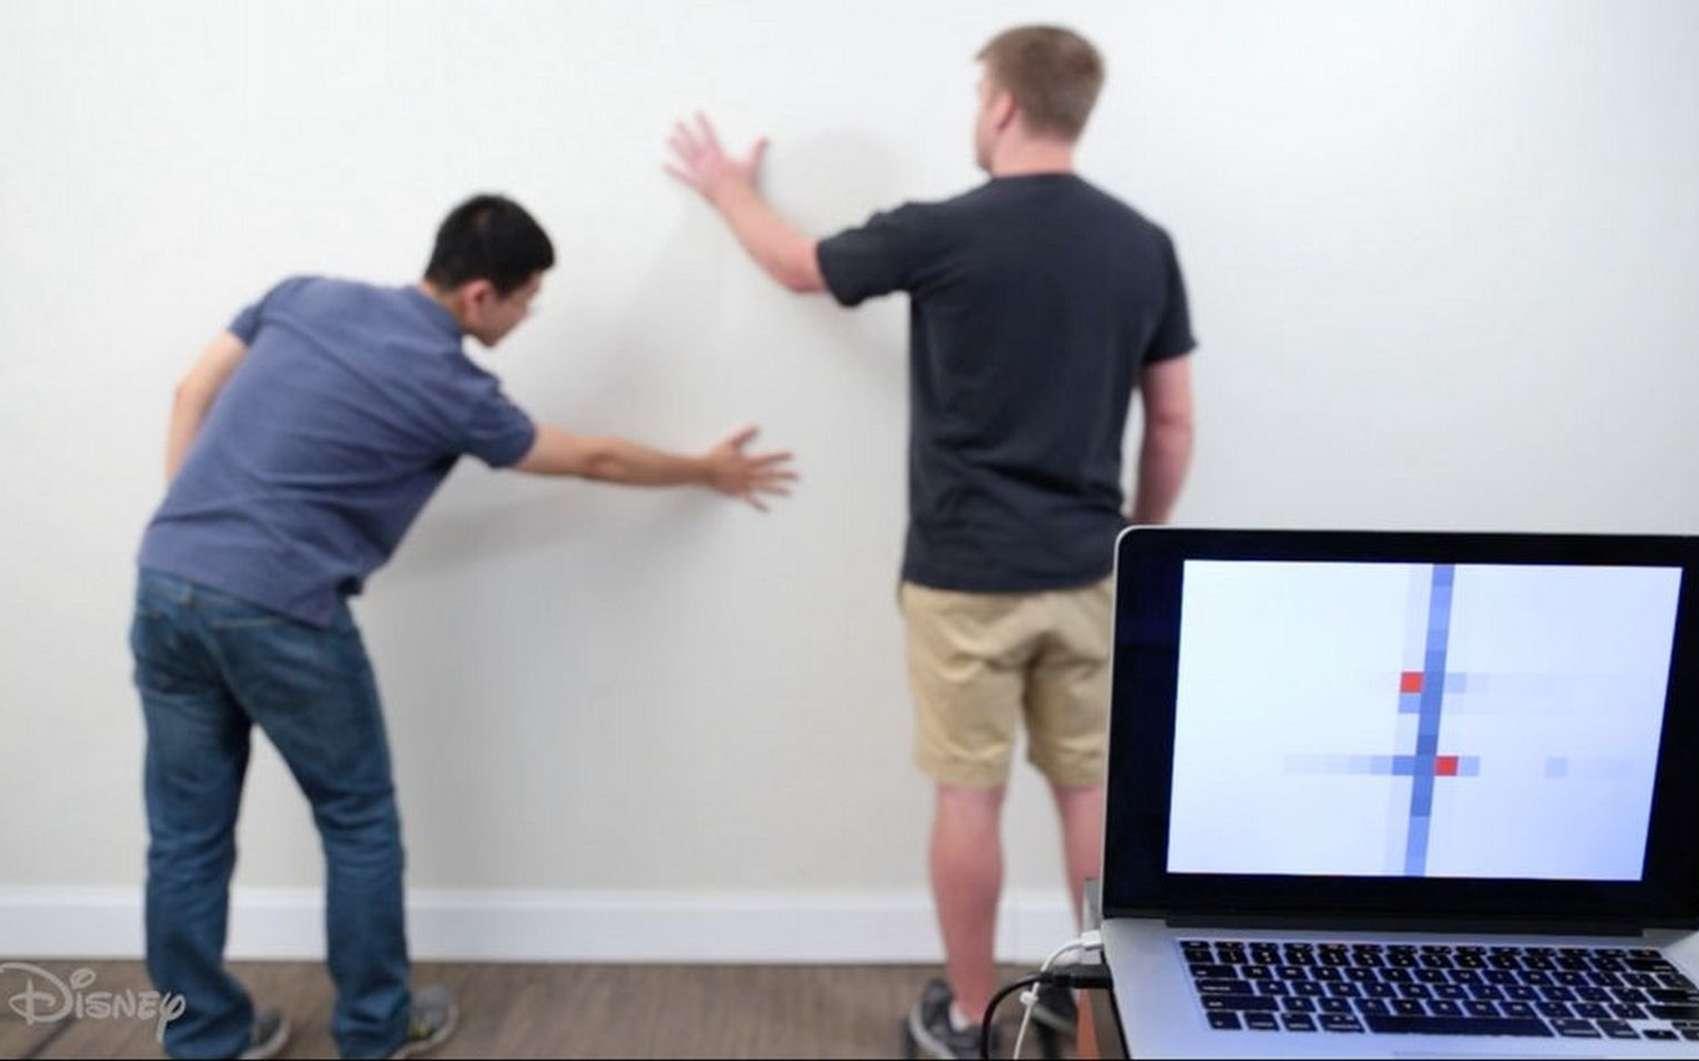 Le dispositif imaginé par Disney Research et l'université Carnegie Mellon transforme n'importe quel mur en pavé tactile. © Disney Research, CMU